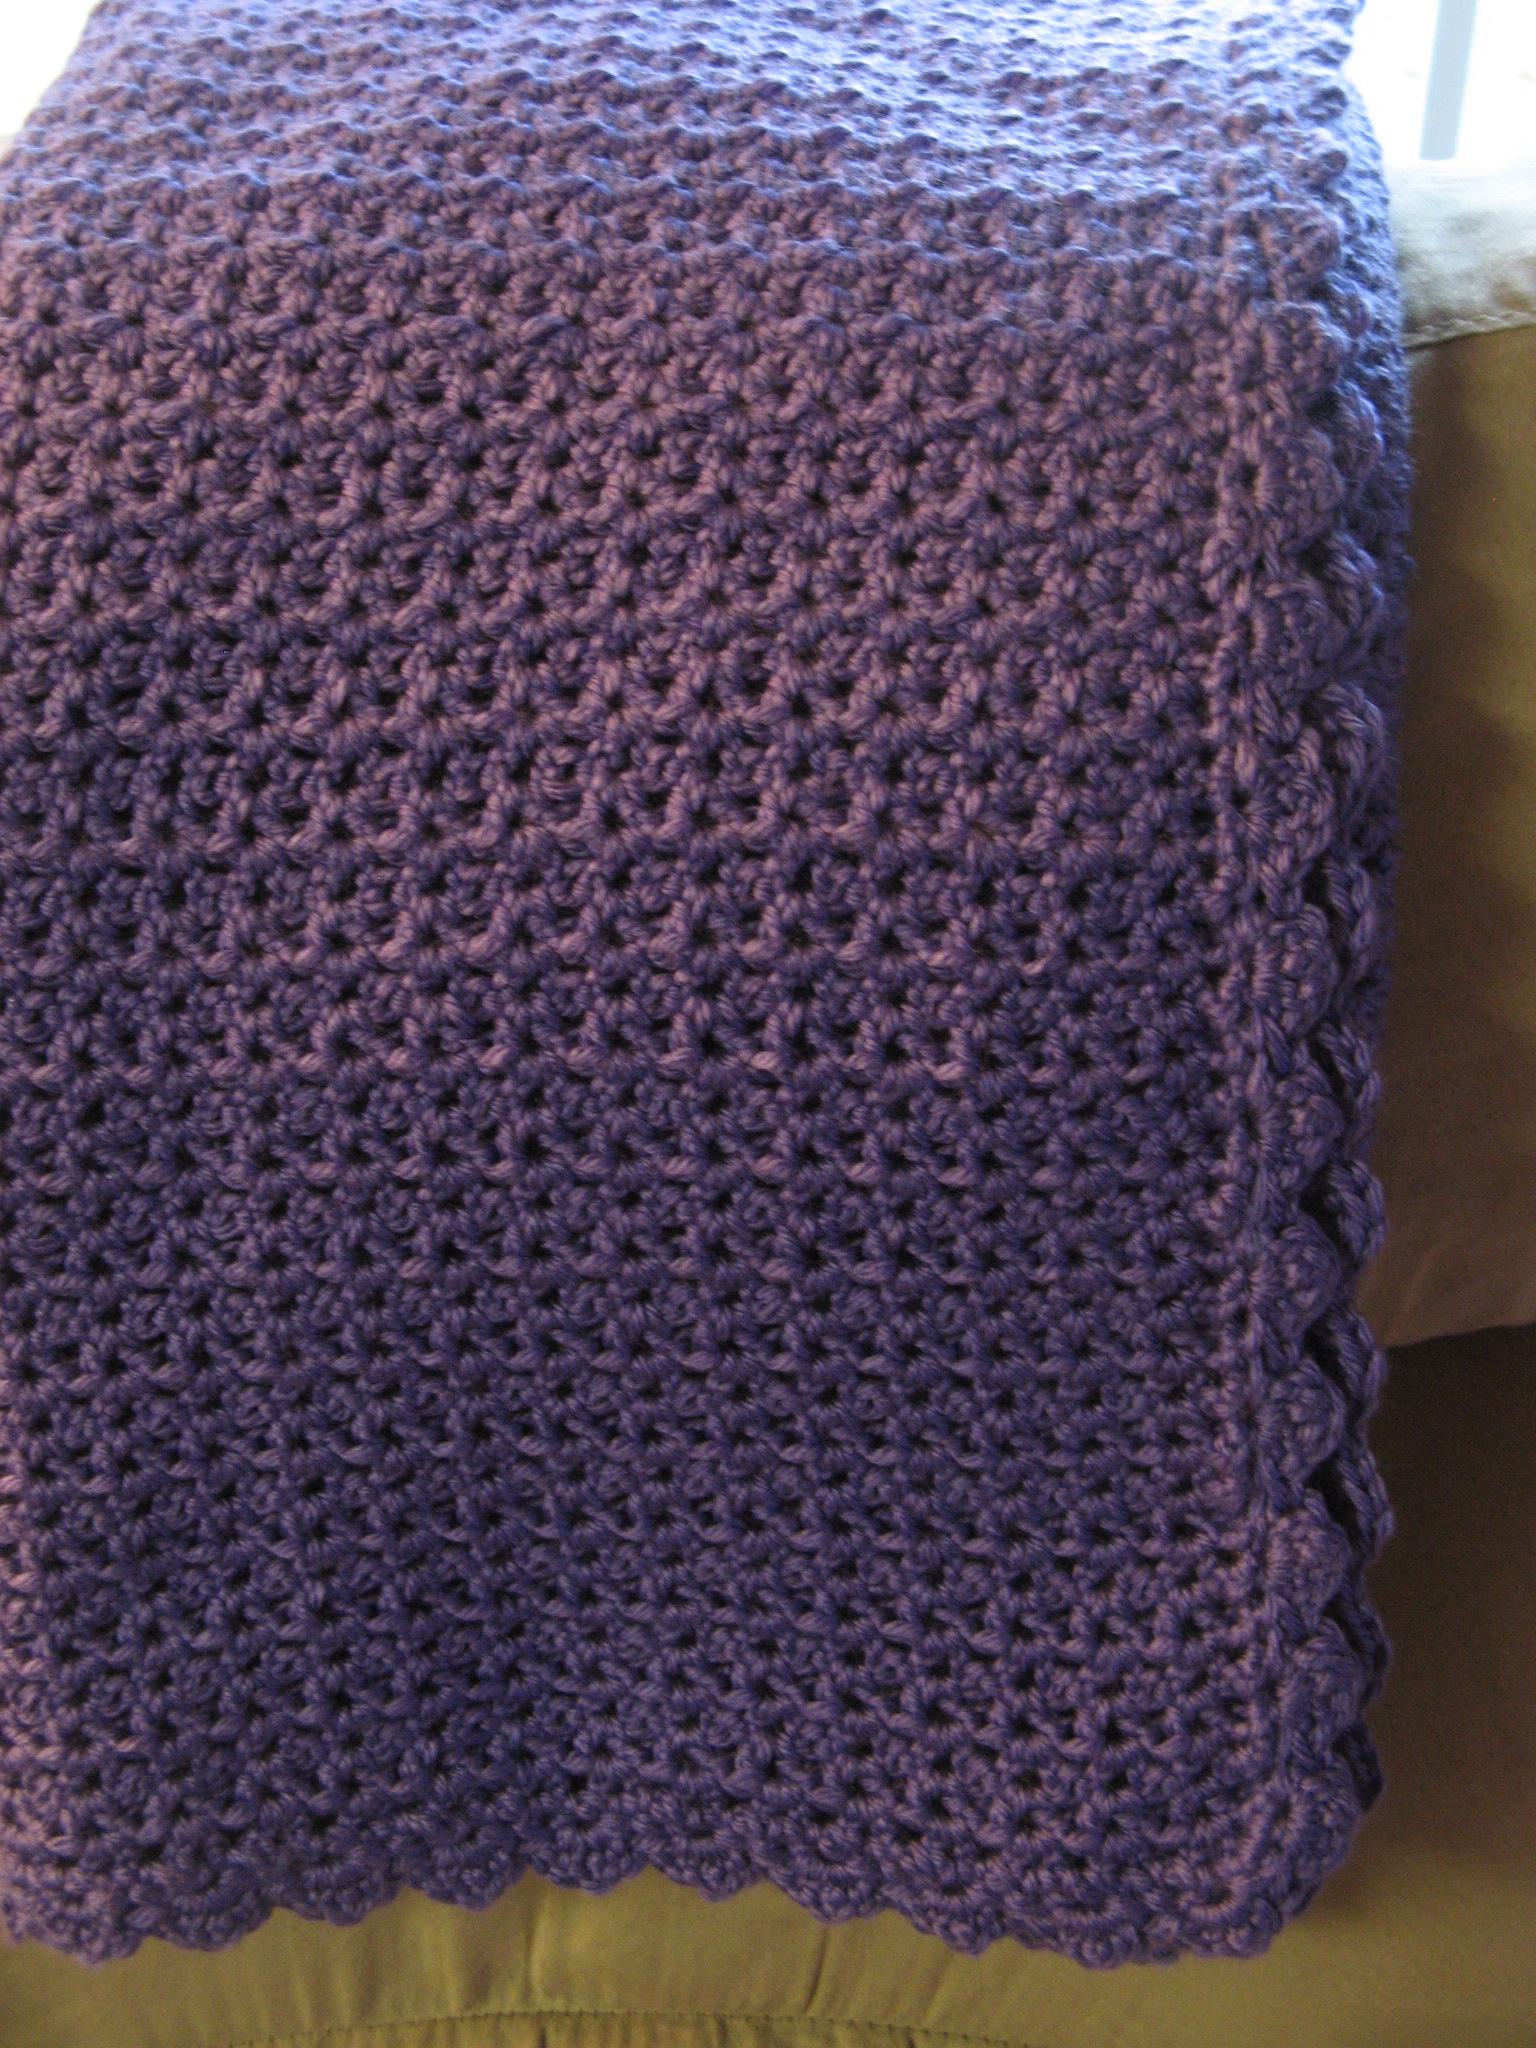 Violet V Stitch Baby Blanket Bead Yarn Spatula